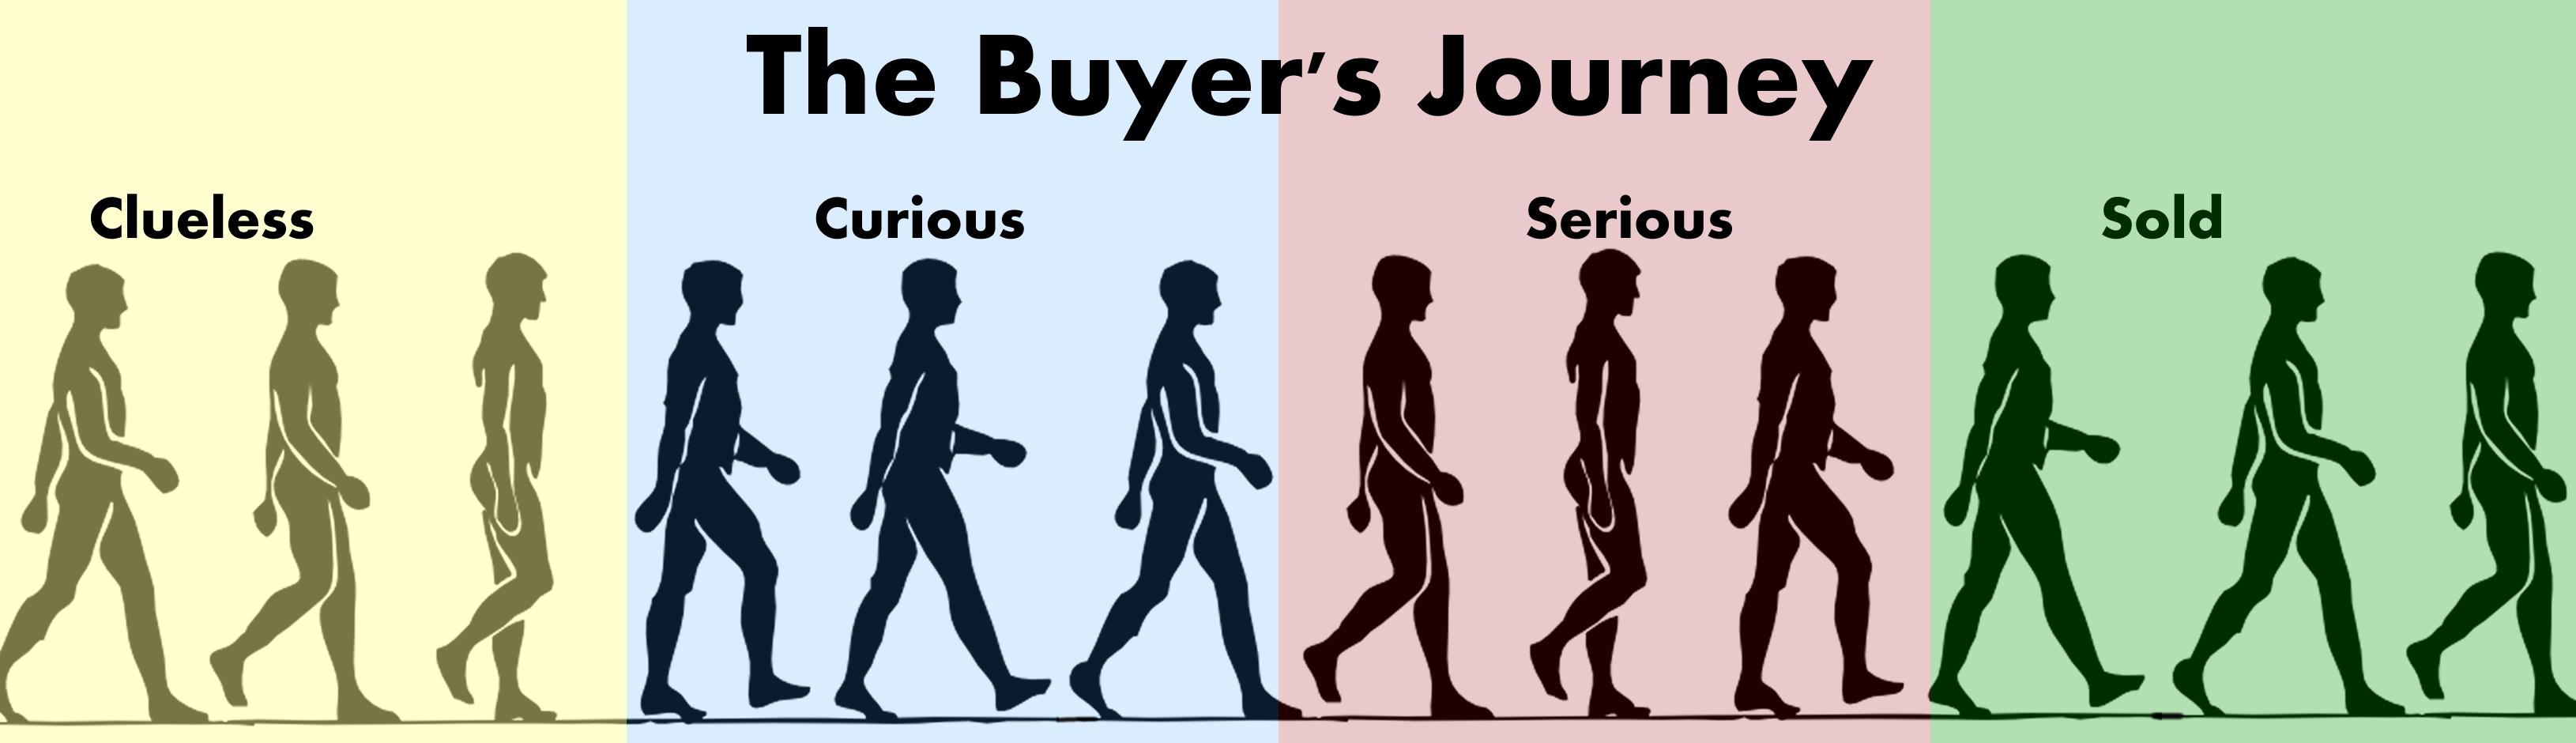 Buyers-Journey-long